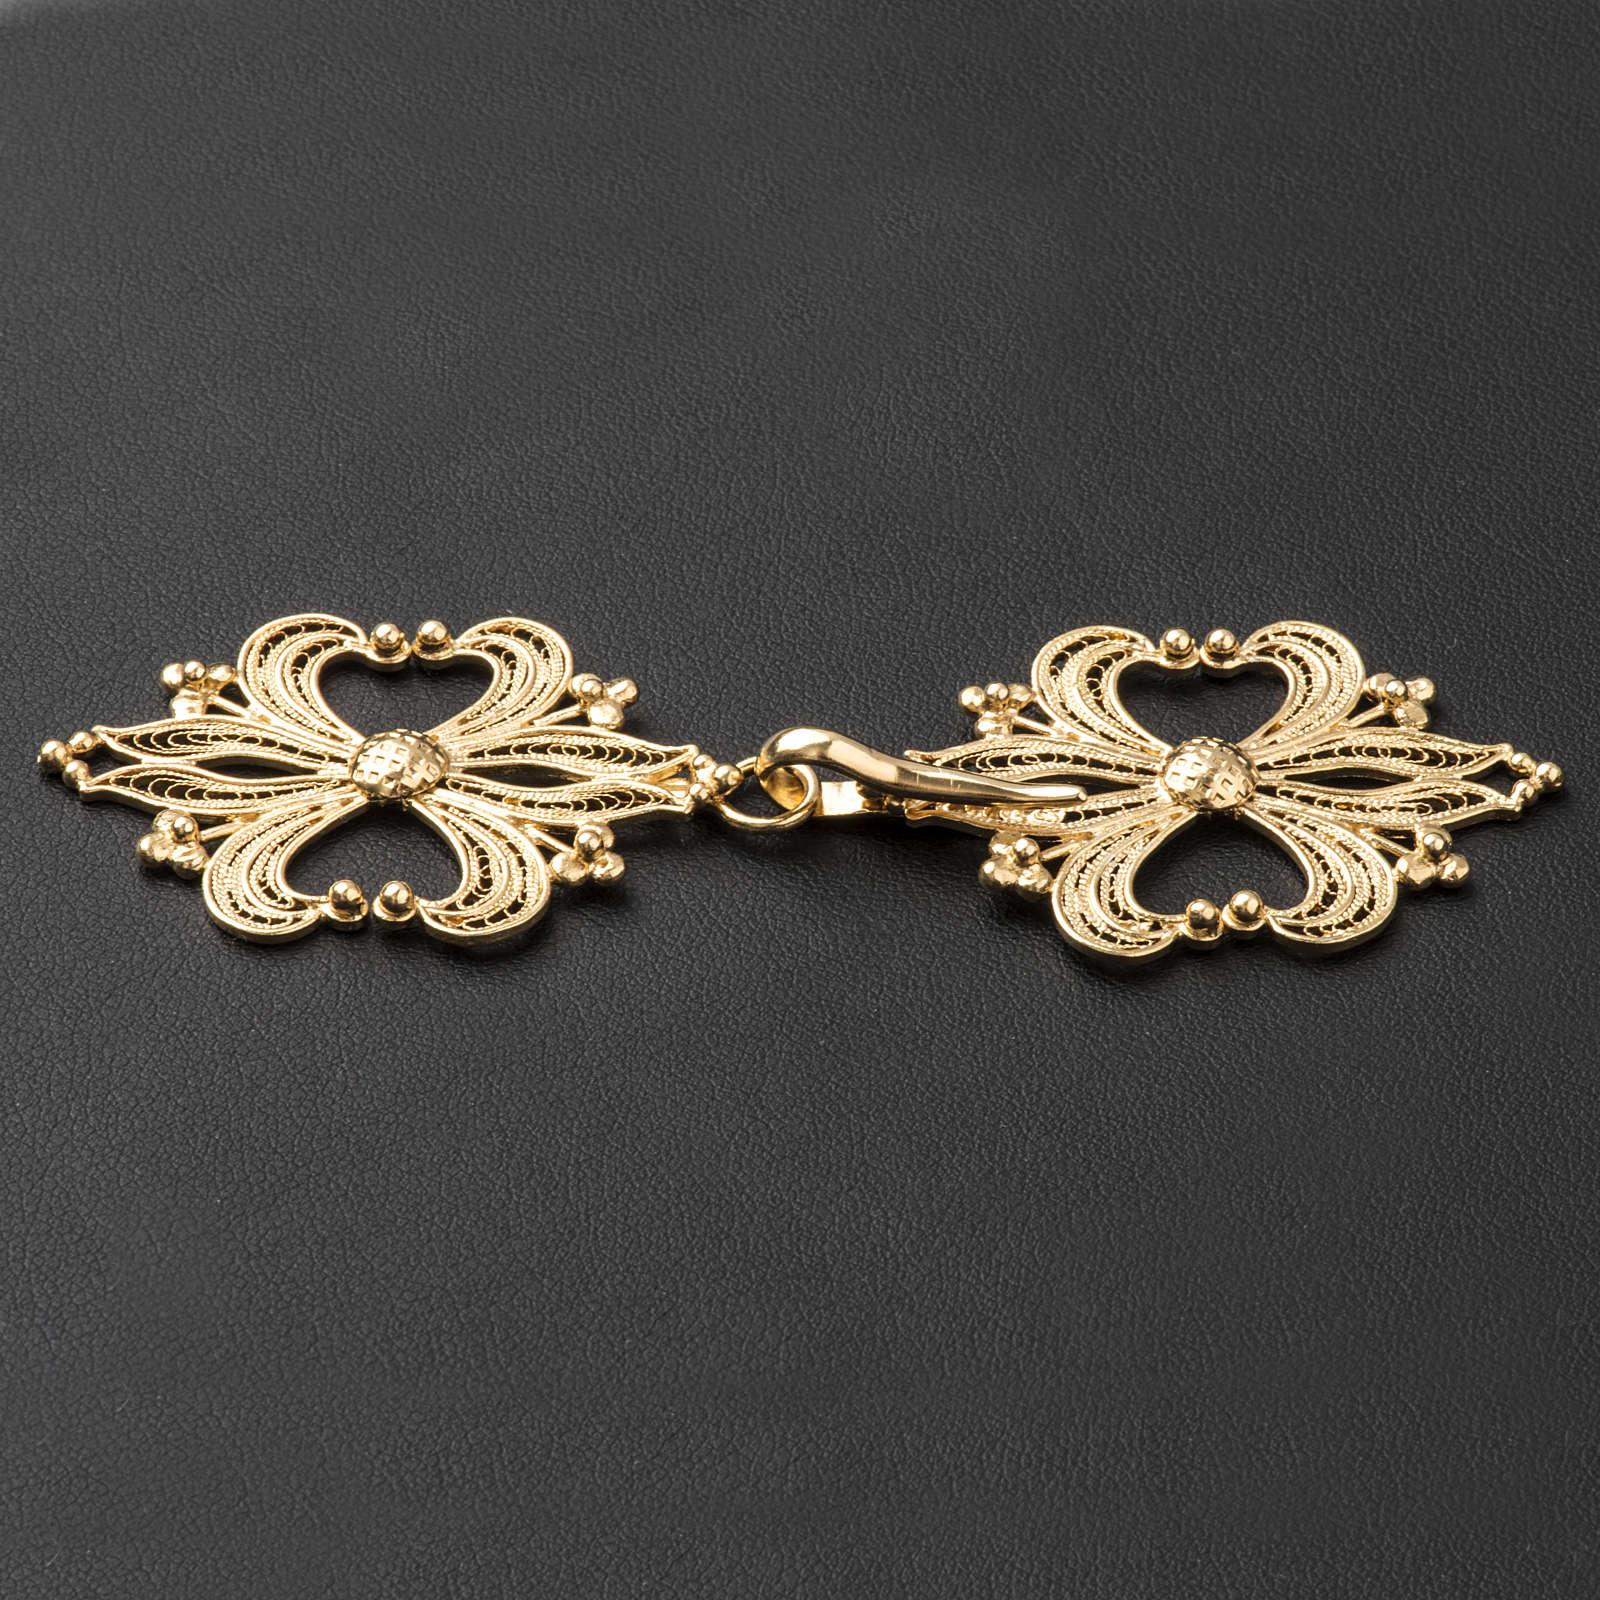 Broche plata 800 dorado en filigrana para el pluvial 4